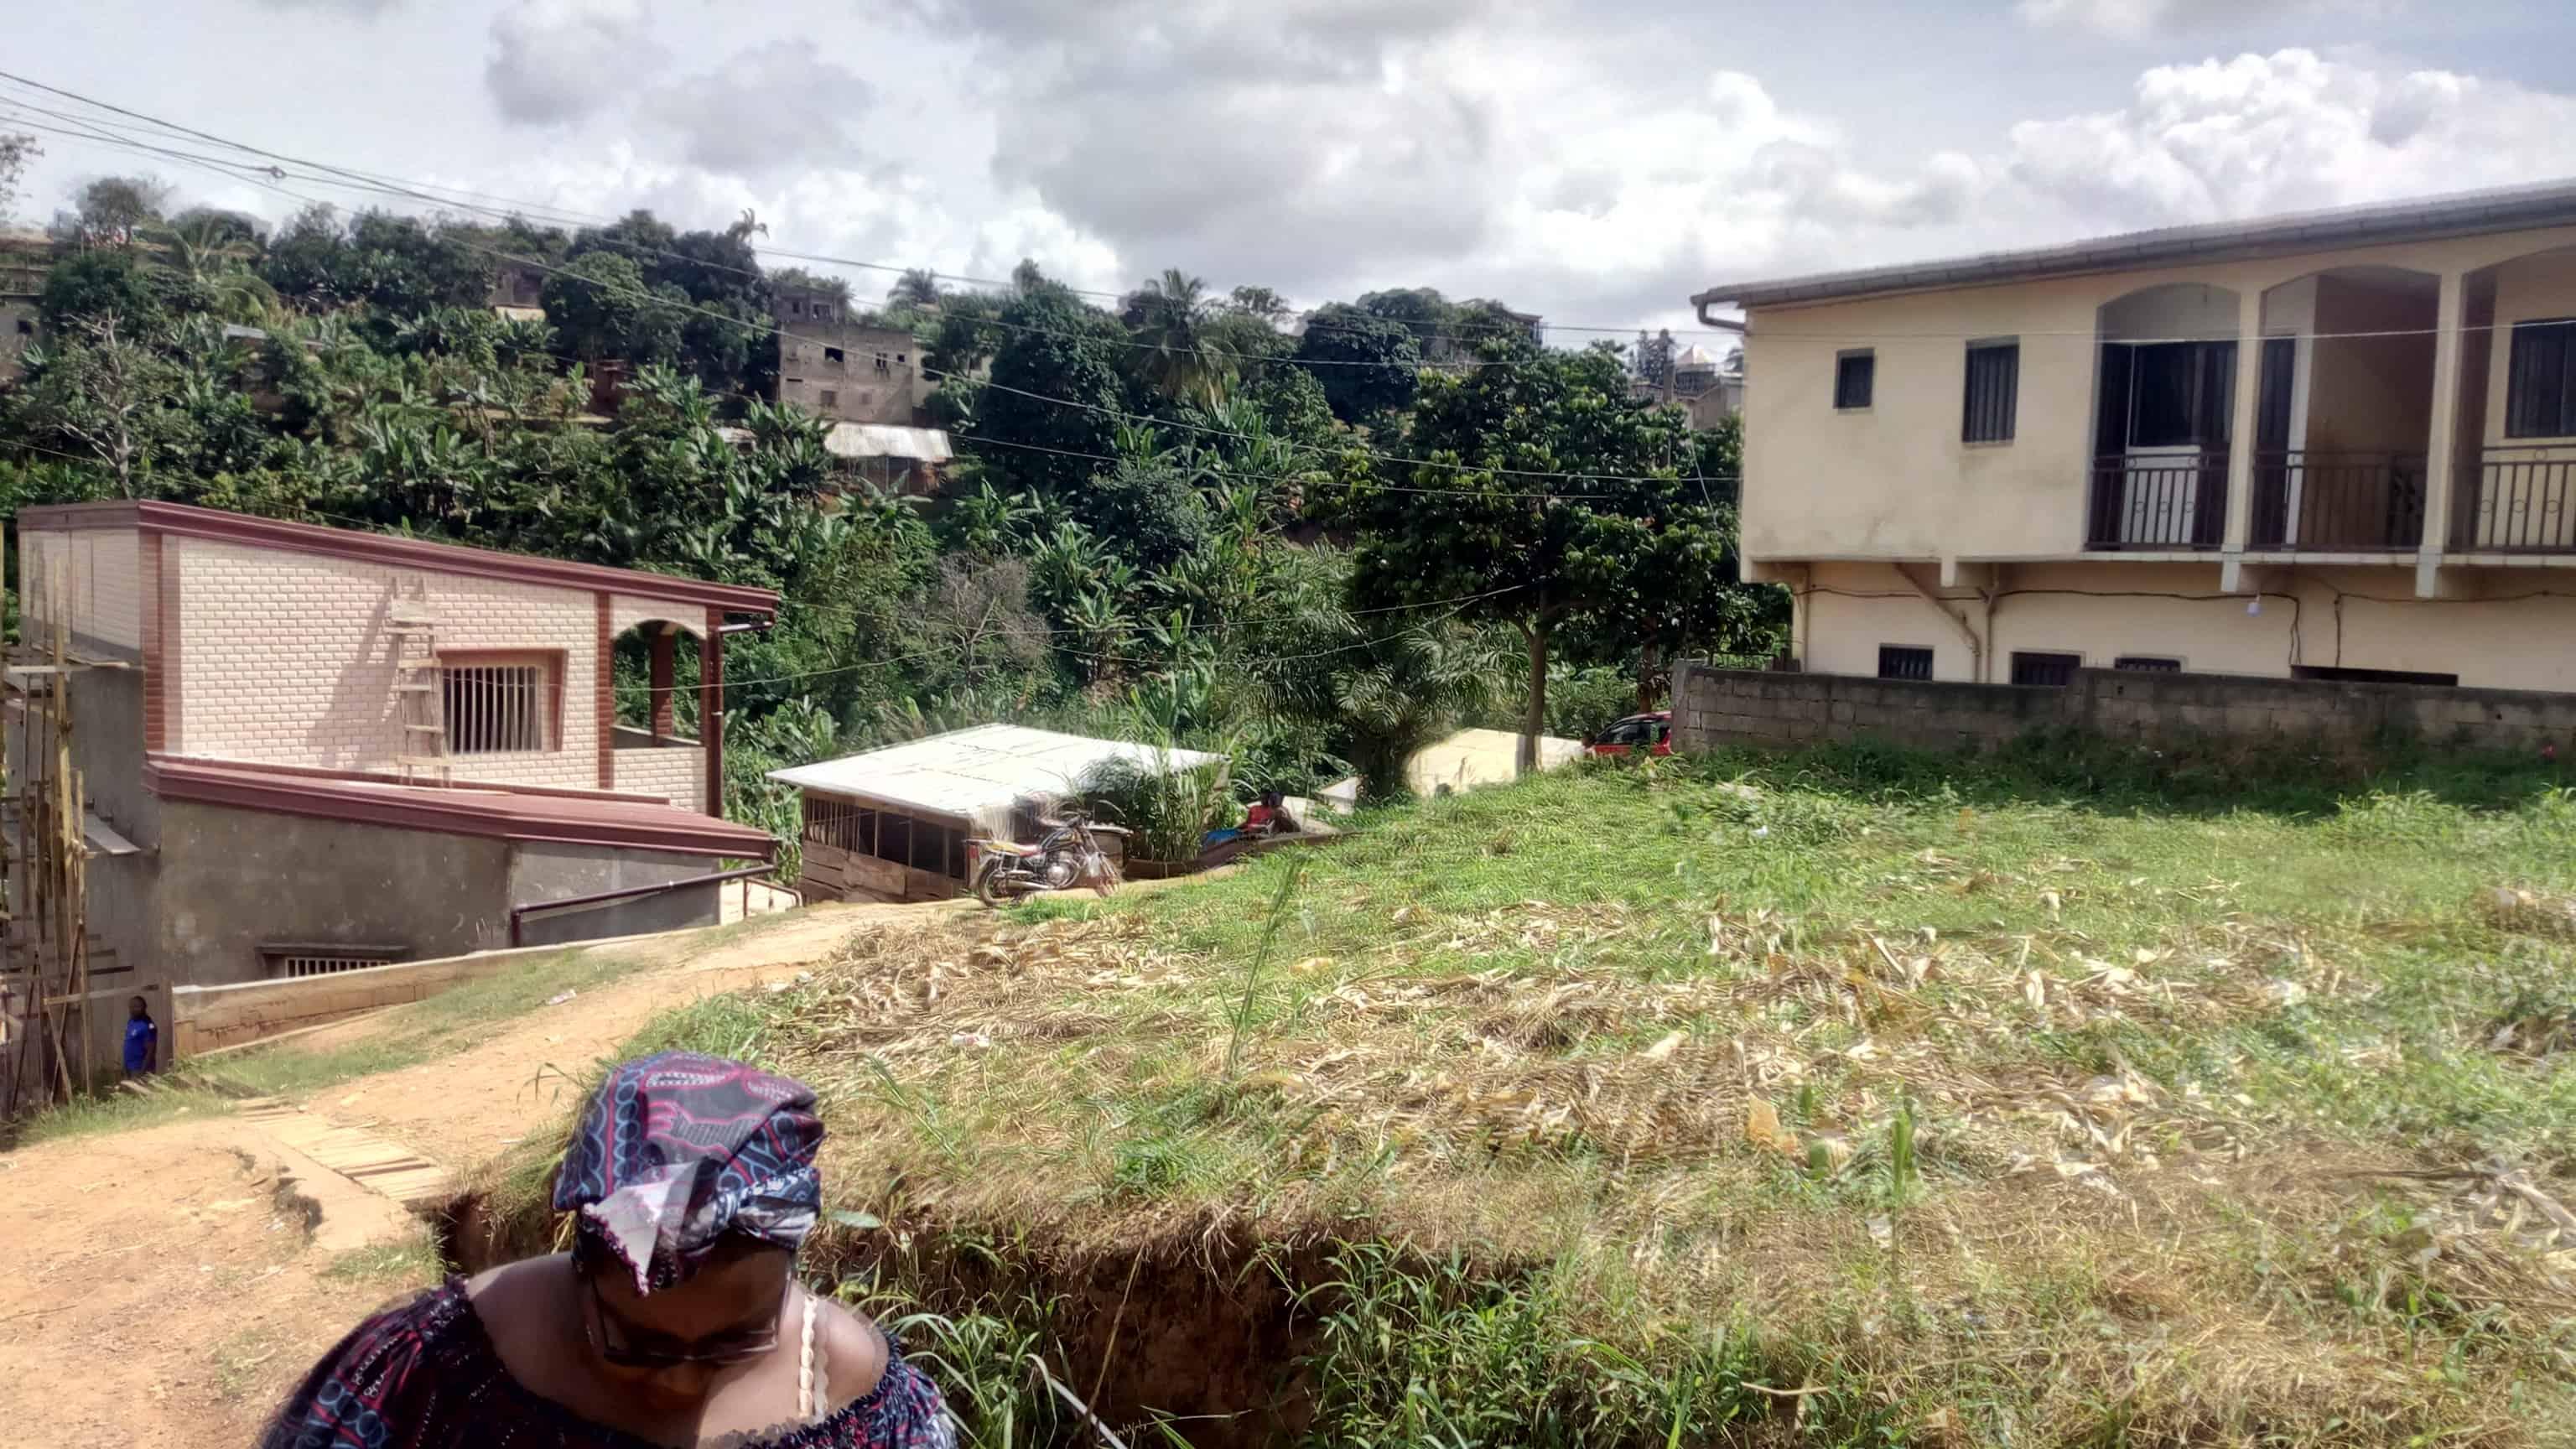 Land for sale at Yaoundé, Nkolmeseng, Terrain pour habition à vendre Yaoundé essos nkolmesseng - 400 m2 - 6 800 000 FCFA